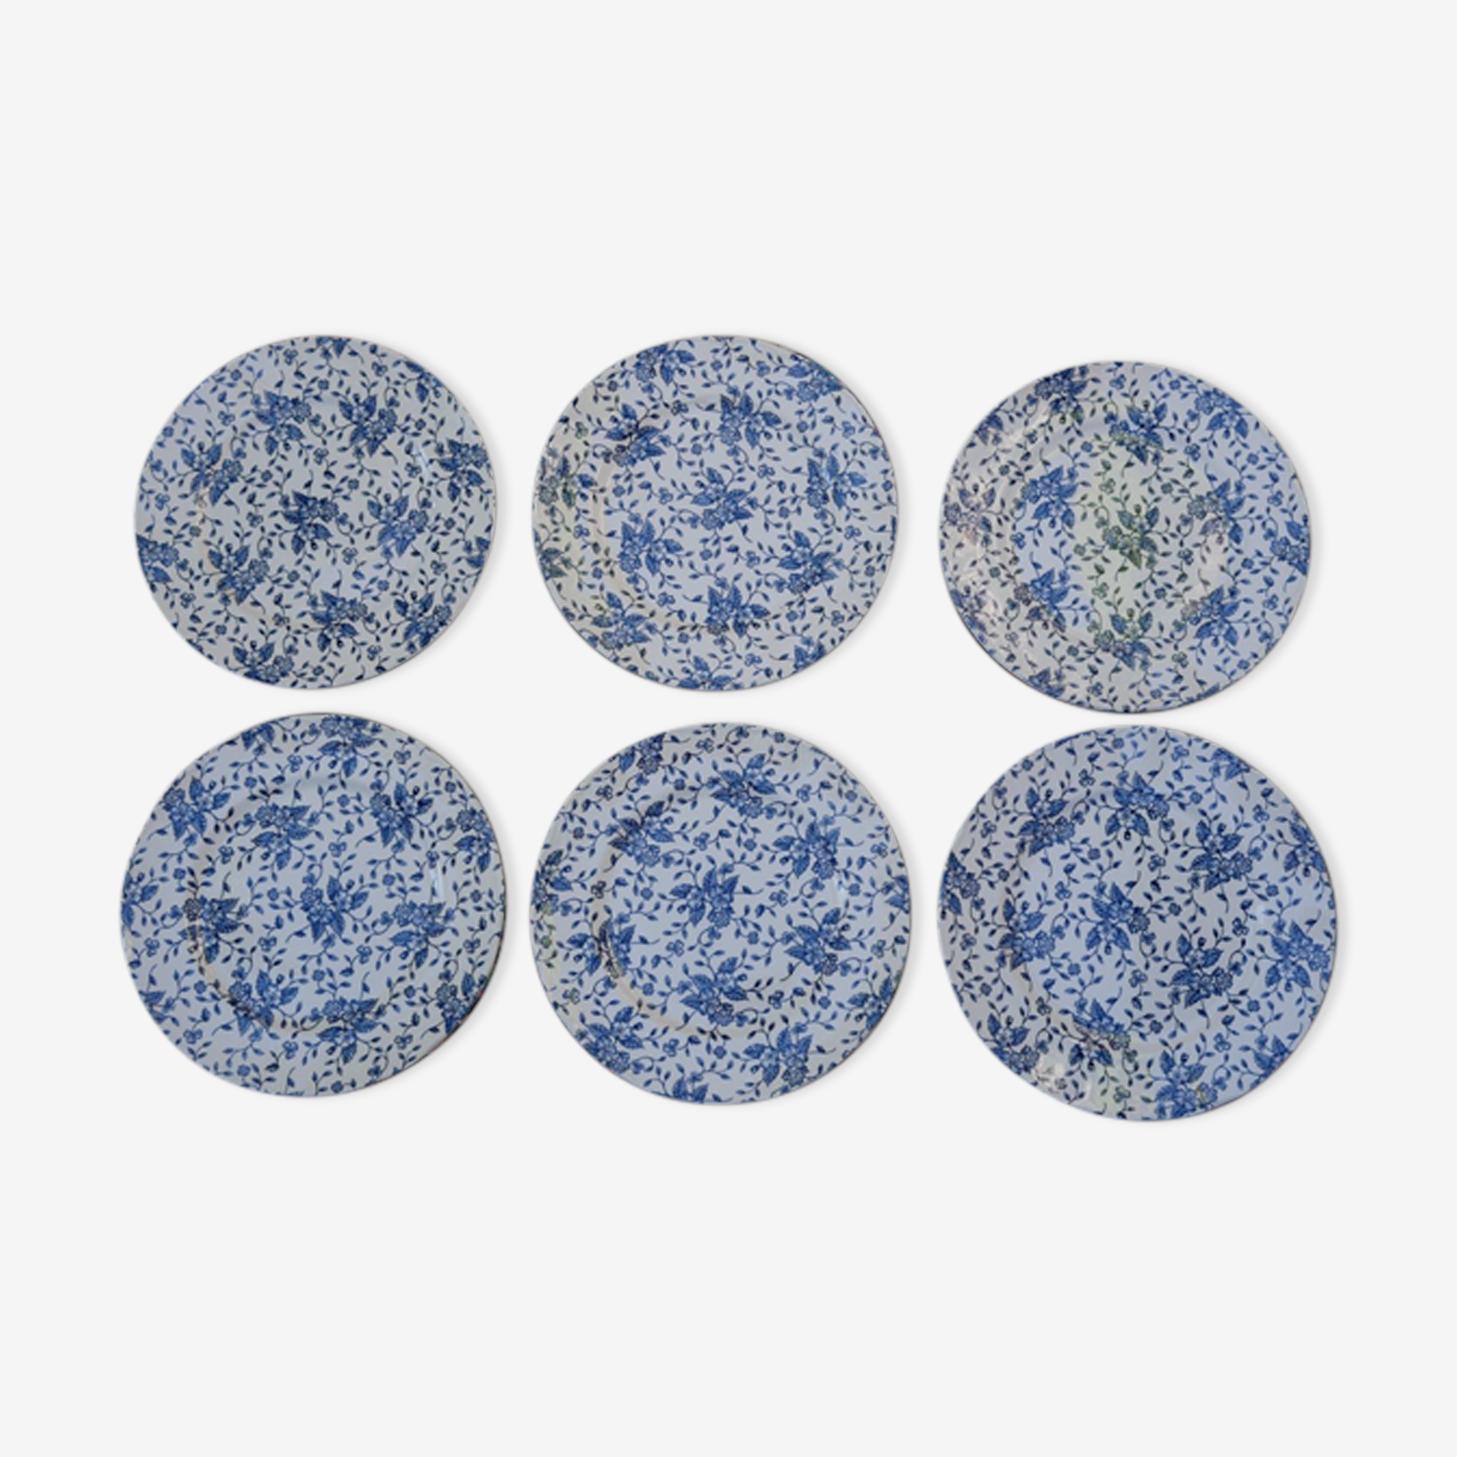 6 Assiettes plates fleurs vintage par Grindley